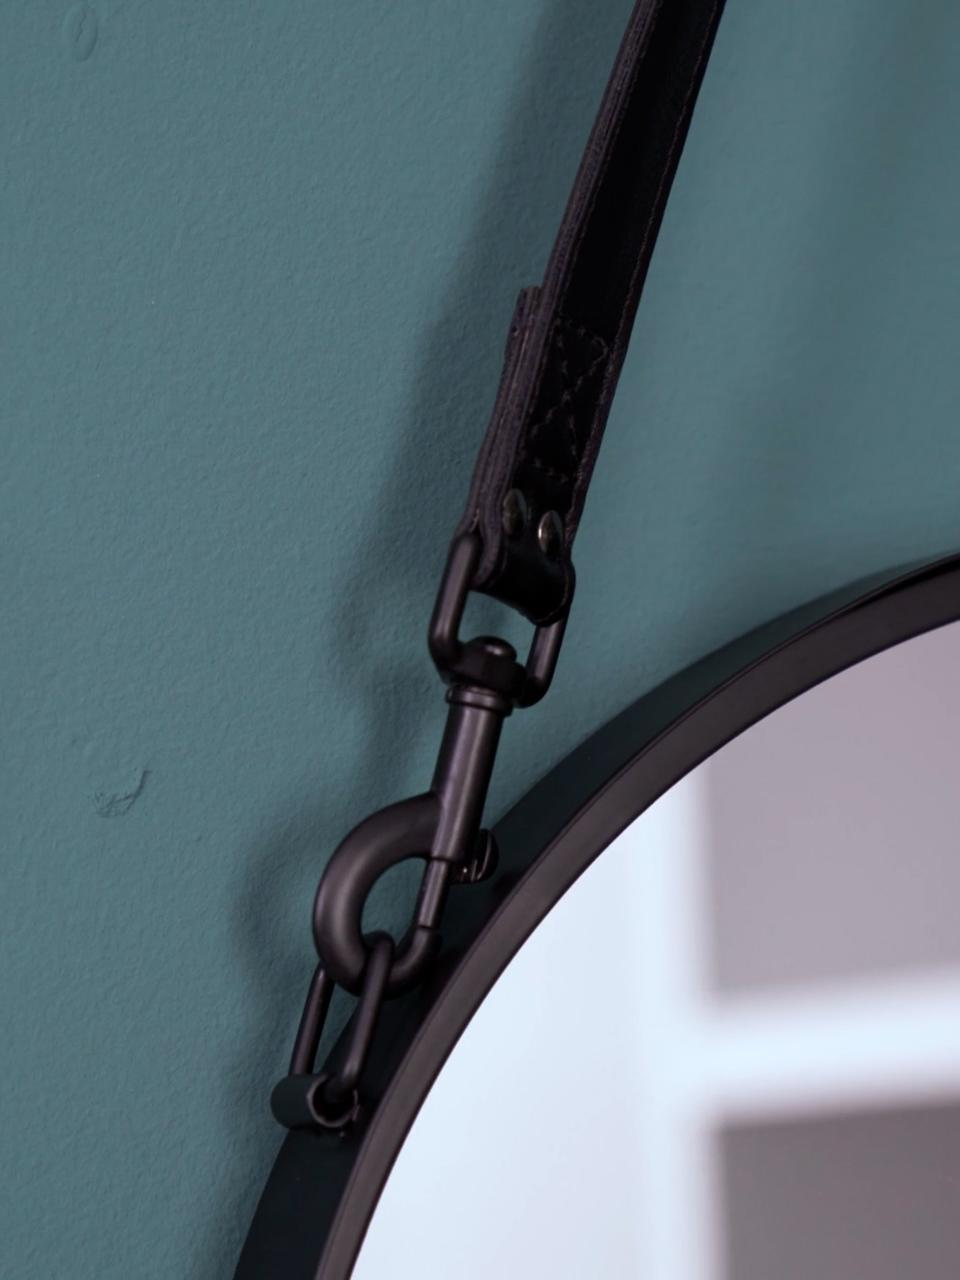 Specchio rotondo da parete con cinghia in pelle Liz, Superficie dello specchio: lastra di vetro, Retro: pannelli di fibra a media, Nero, Ø 40 cm